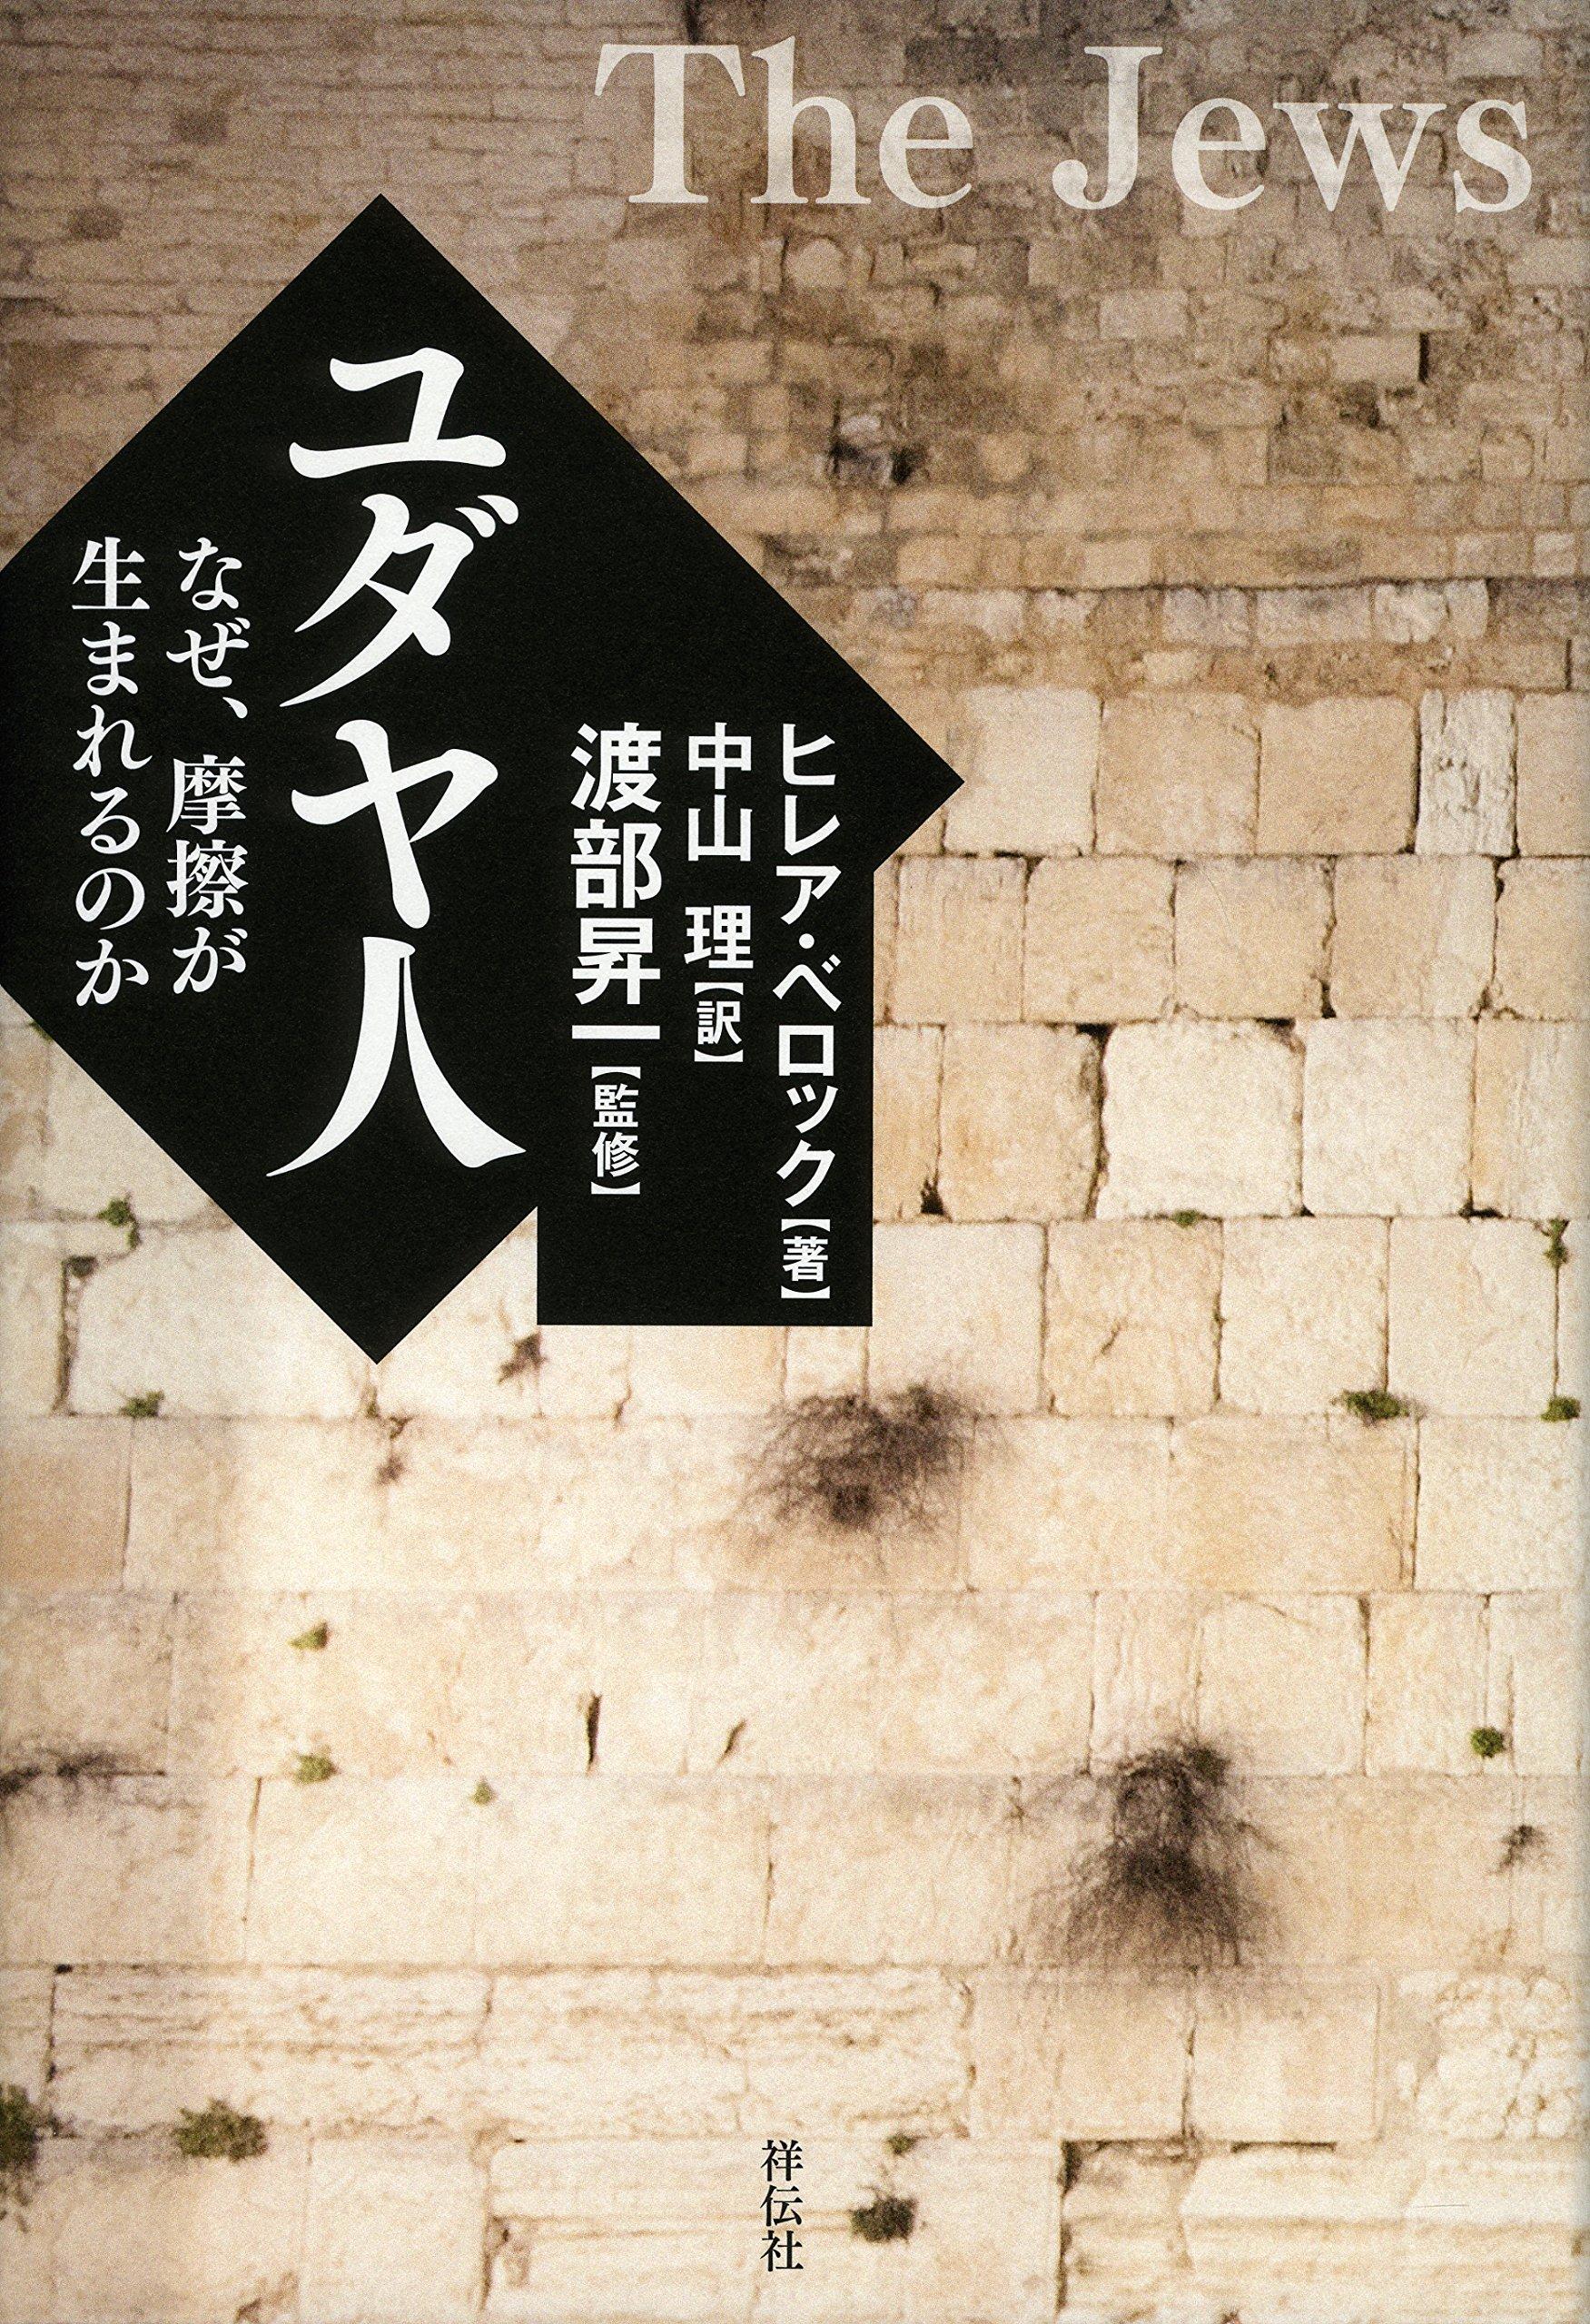 なぜ ユダヤ 人 は 迫害 され た のか